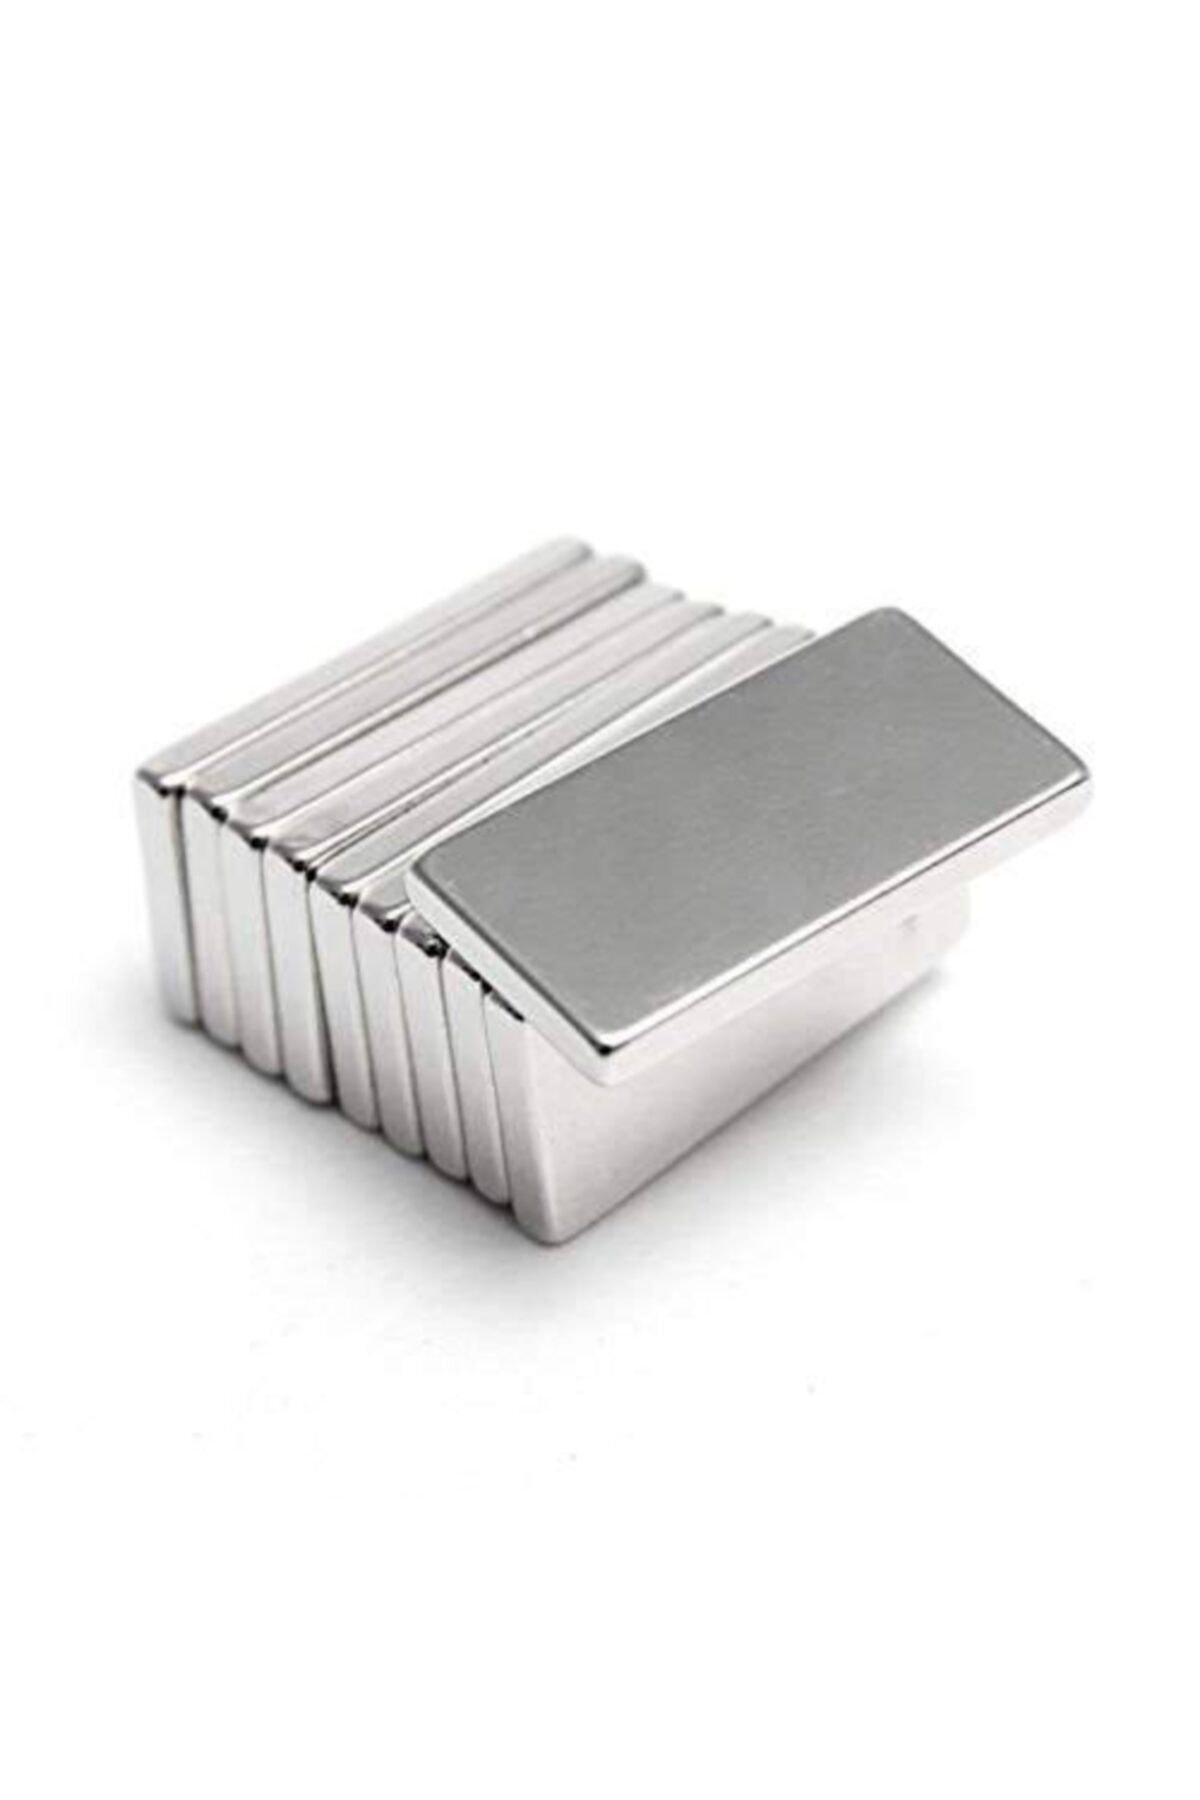 Dünya Magnet 5 Adet 20x10x3 Süper Güçlü Neodyum Mıknatıs Magnet 2